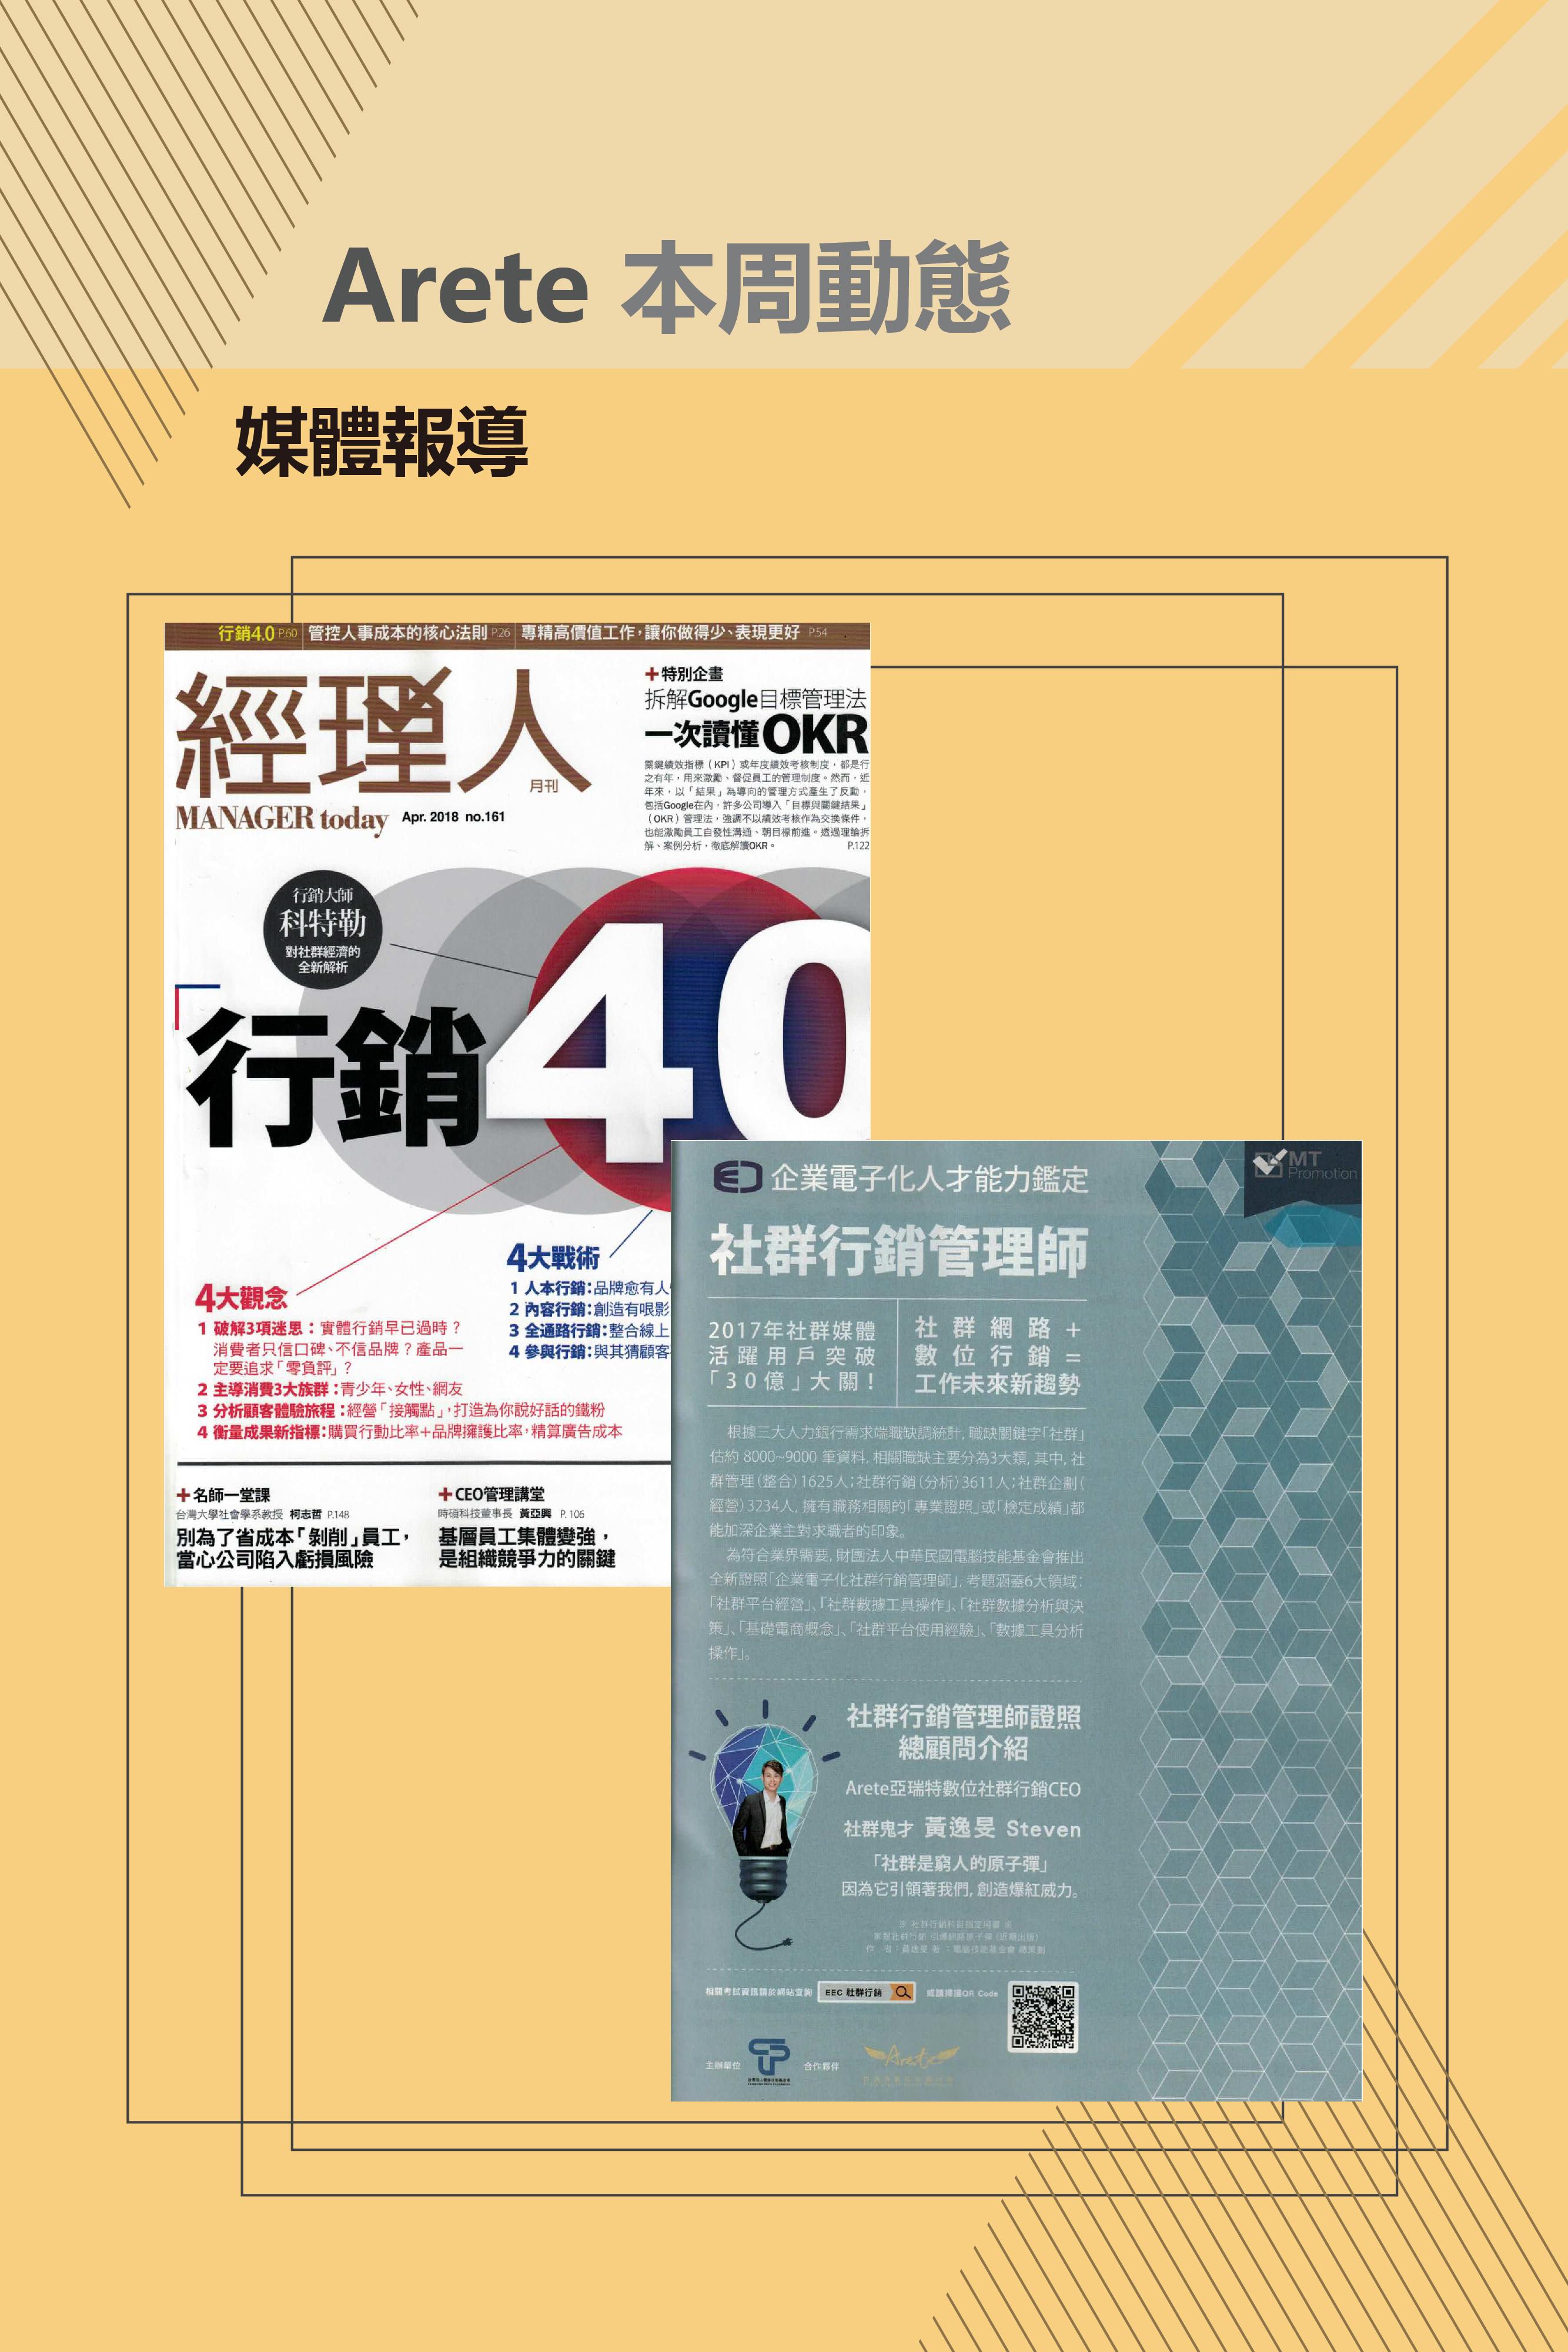 維他命雜誌專訪0402-03